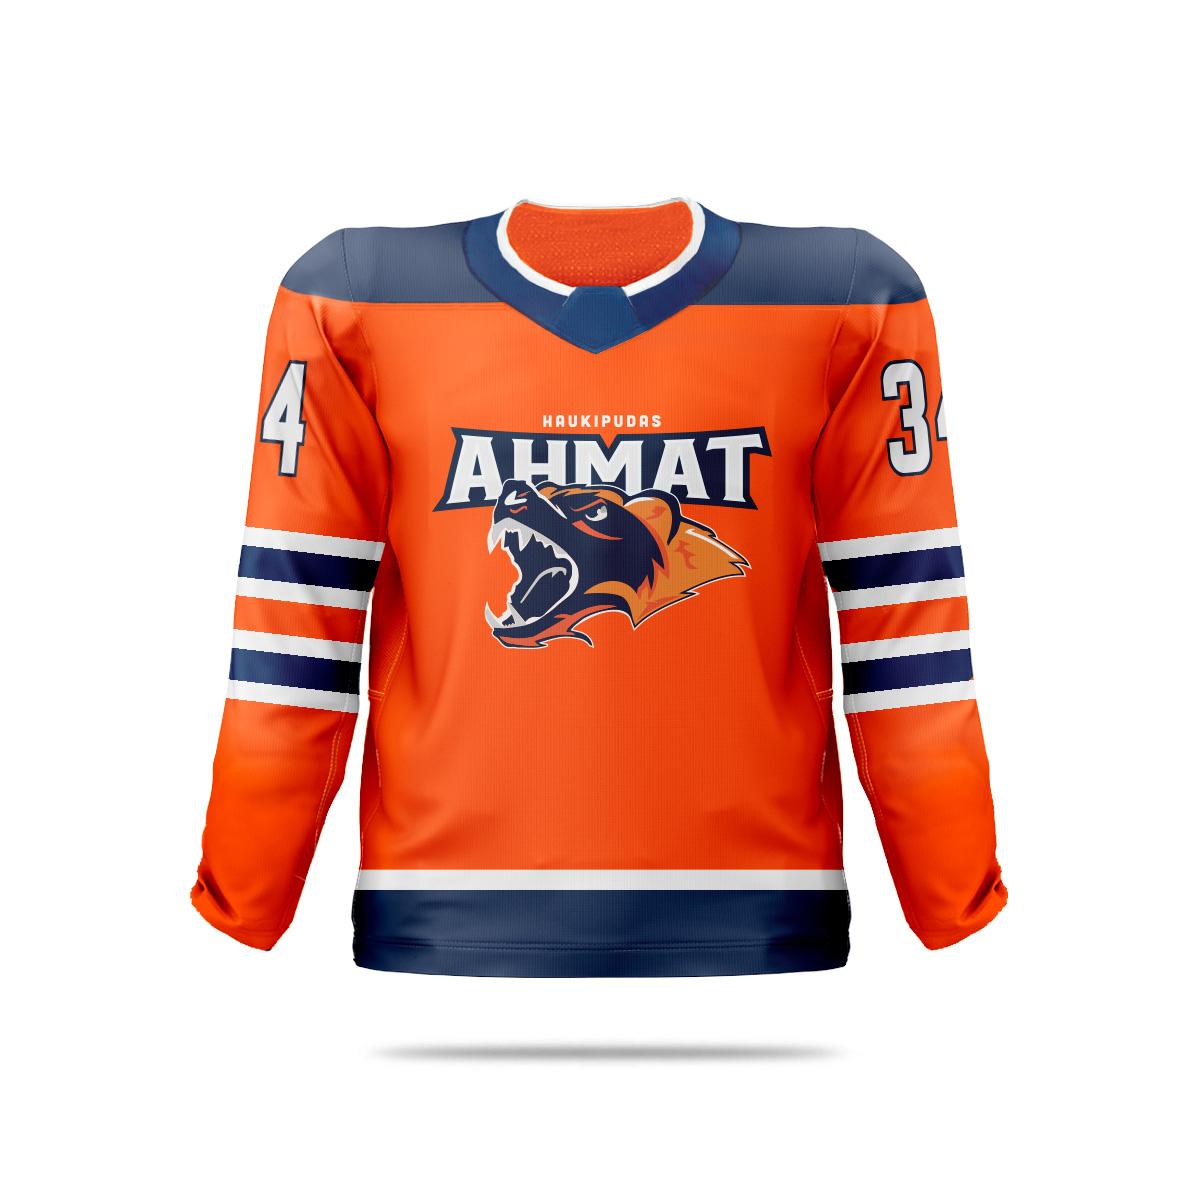 Ahmat-4001-K